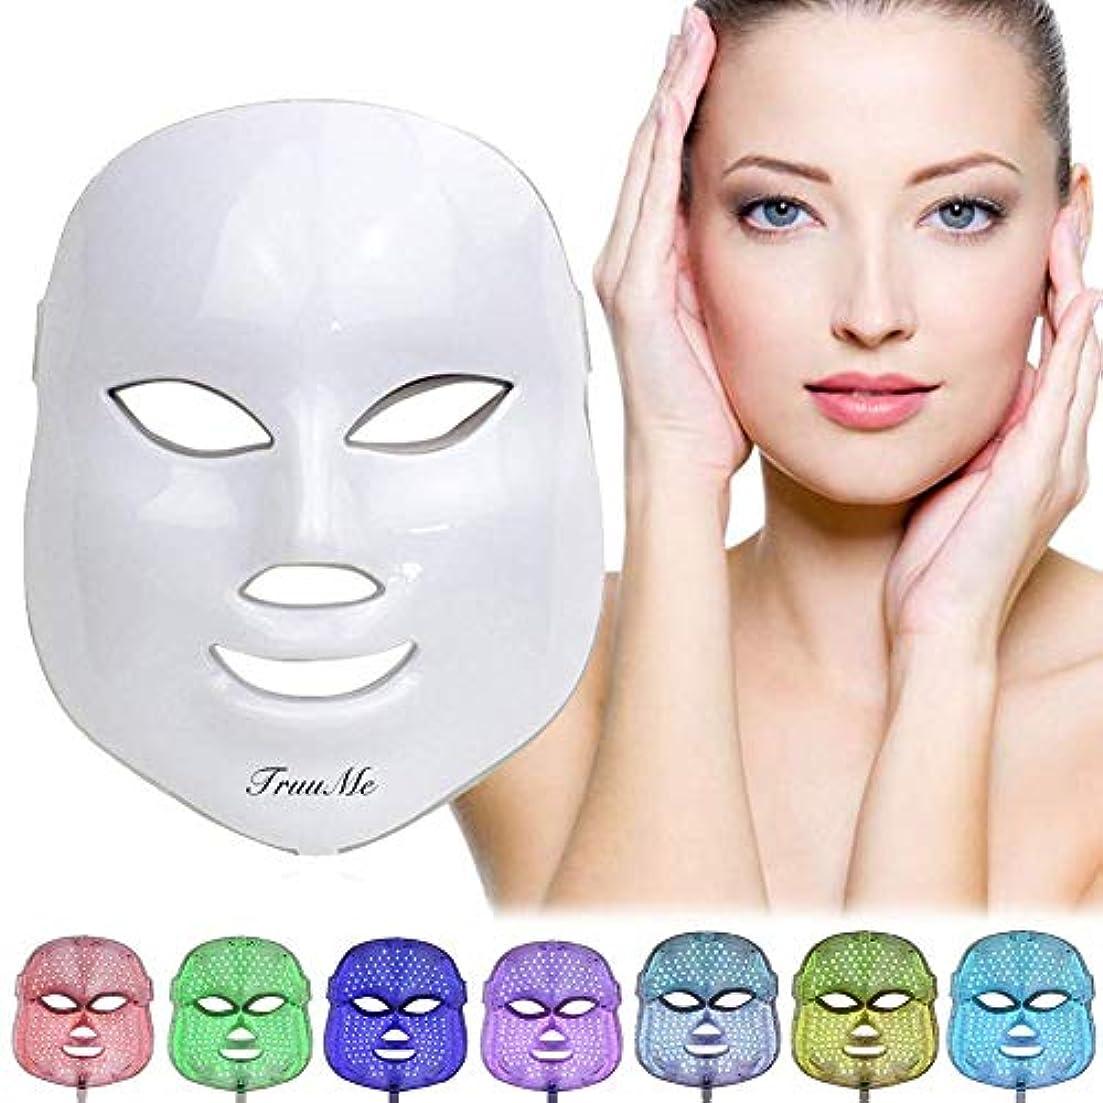 規則性透けて見えるターミナルLEDフェイスマスク、ライトセラピーニキビマスク、LEDフェイシャルマスク、光線療法マスク、LEDエレクトリックフェイシャルマスク、7色光治療、ニキビ治療用マスク、斑点、にきび、皮膚のシミ